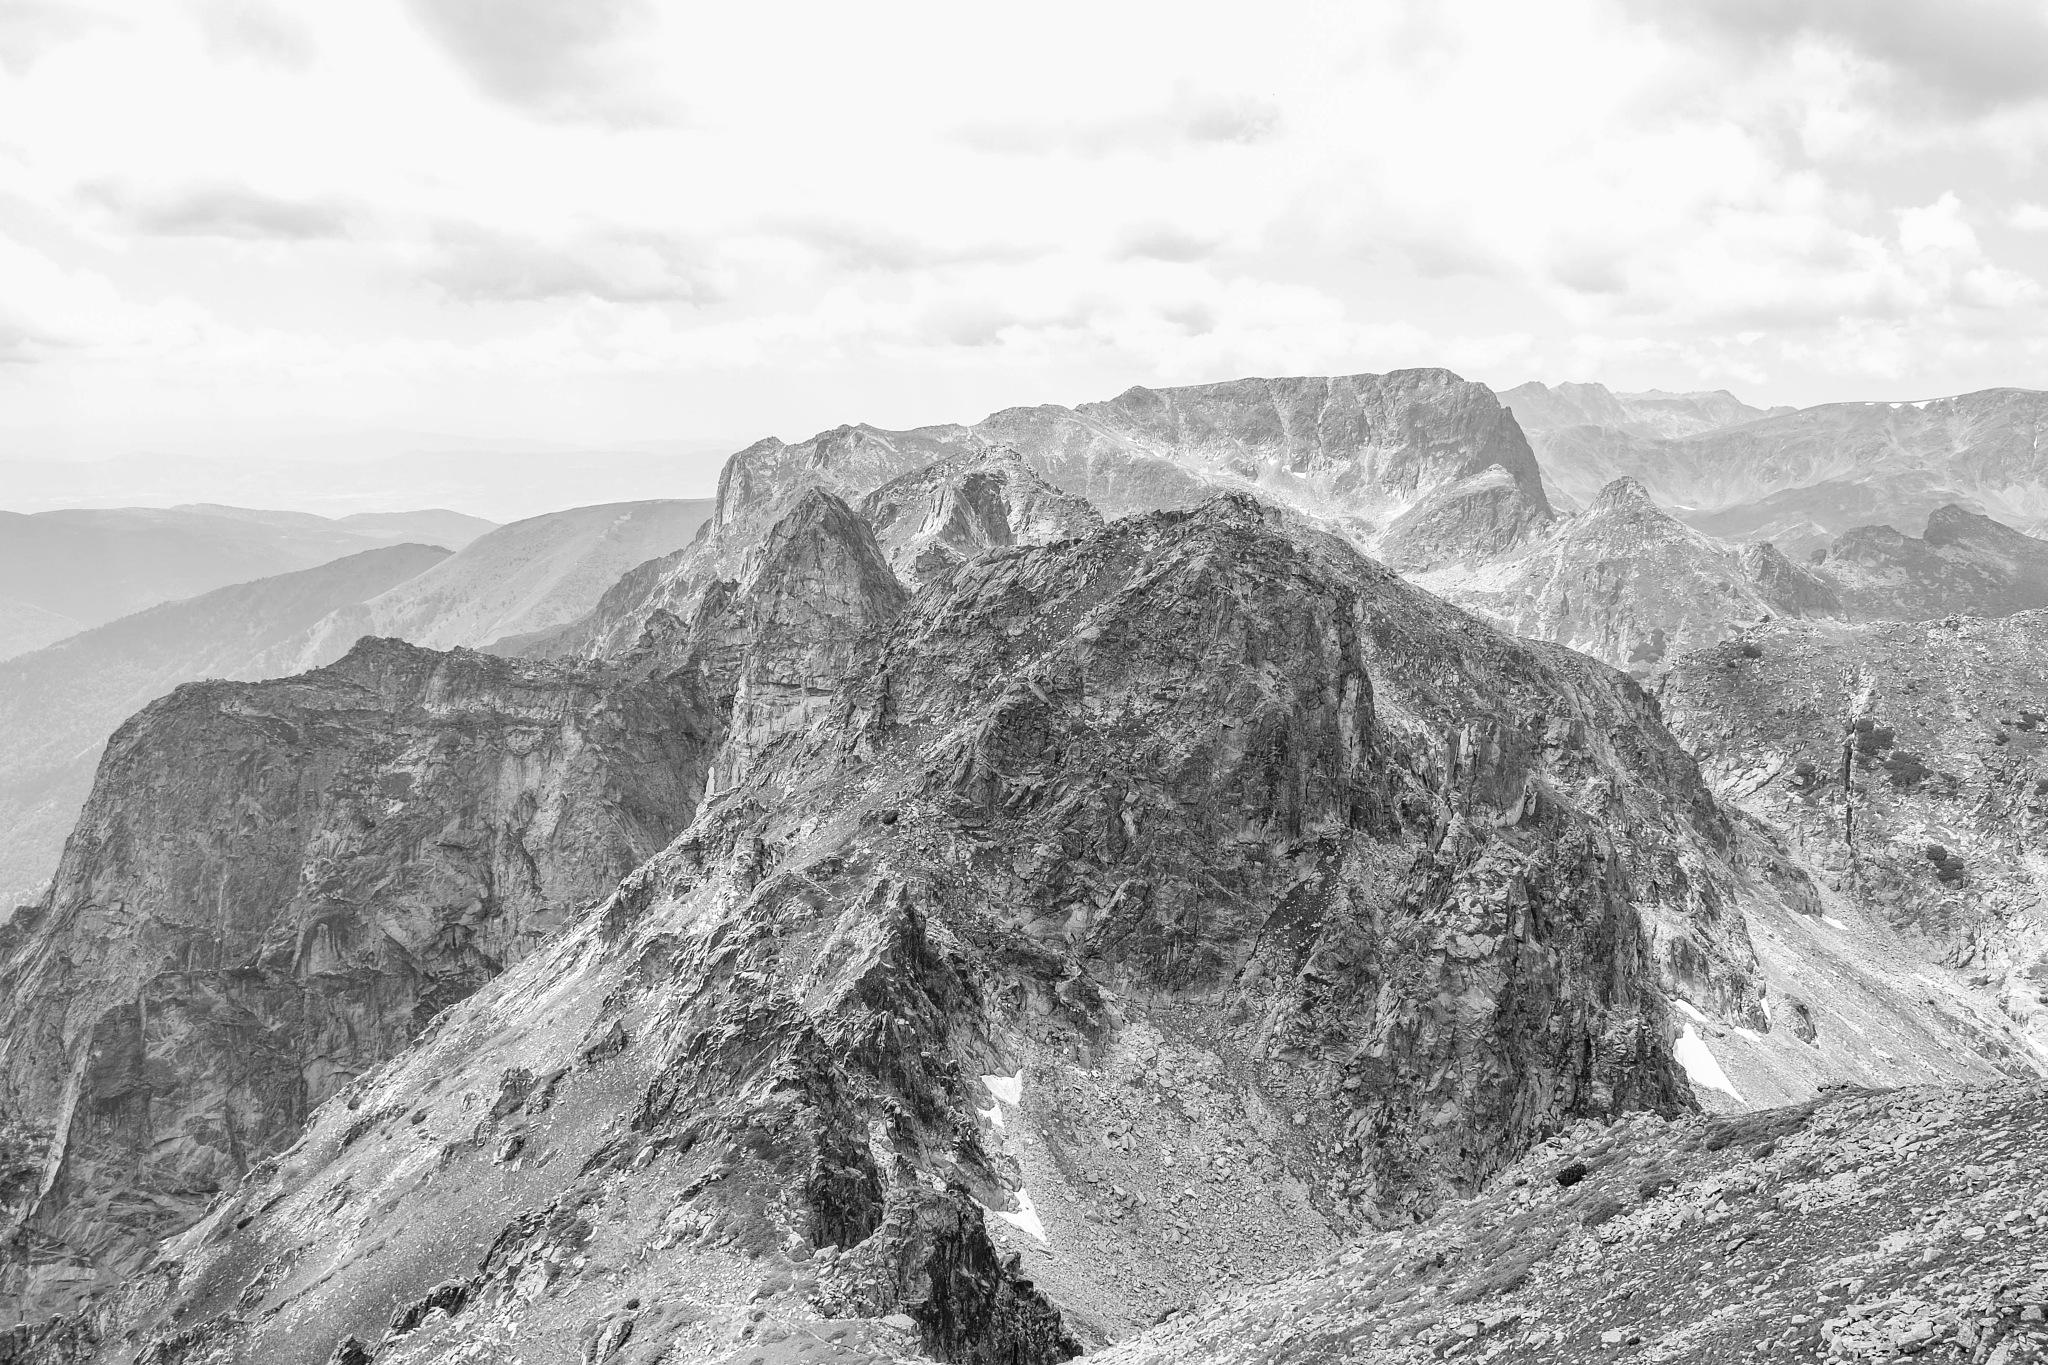 Rila mountain by Hristo Dechev